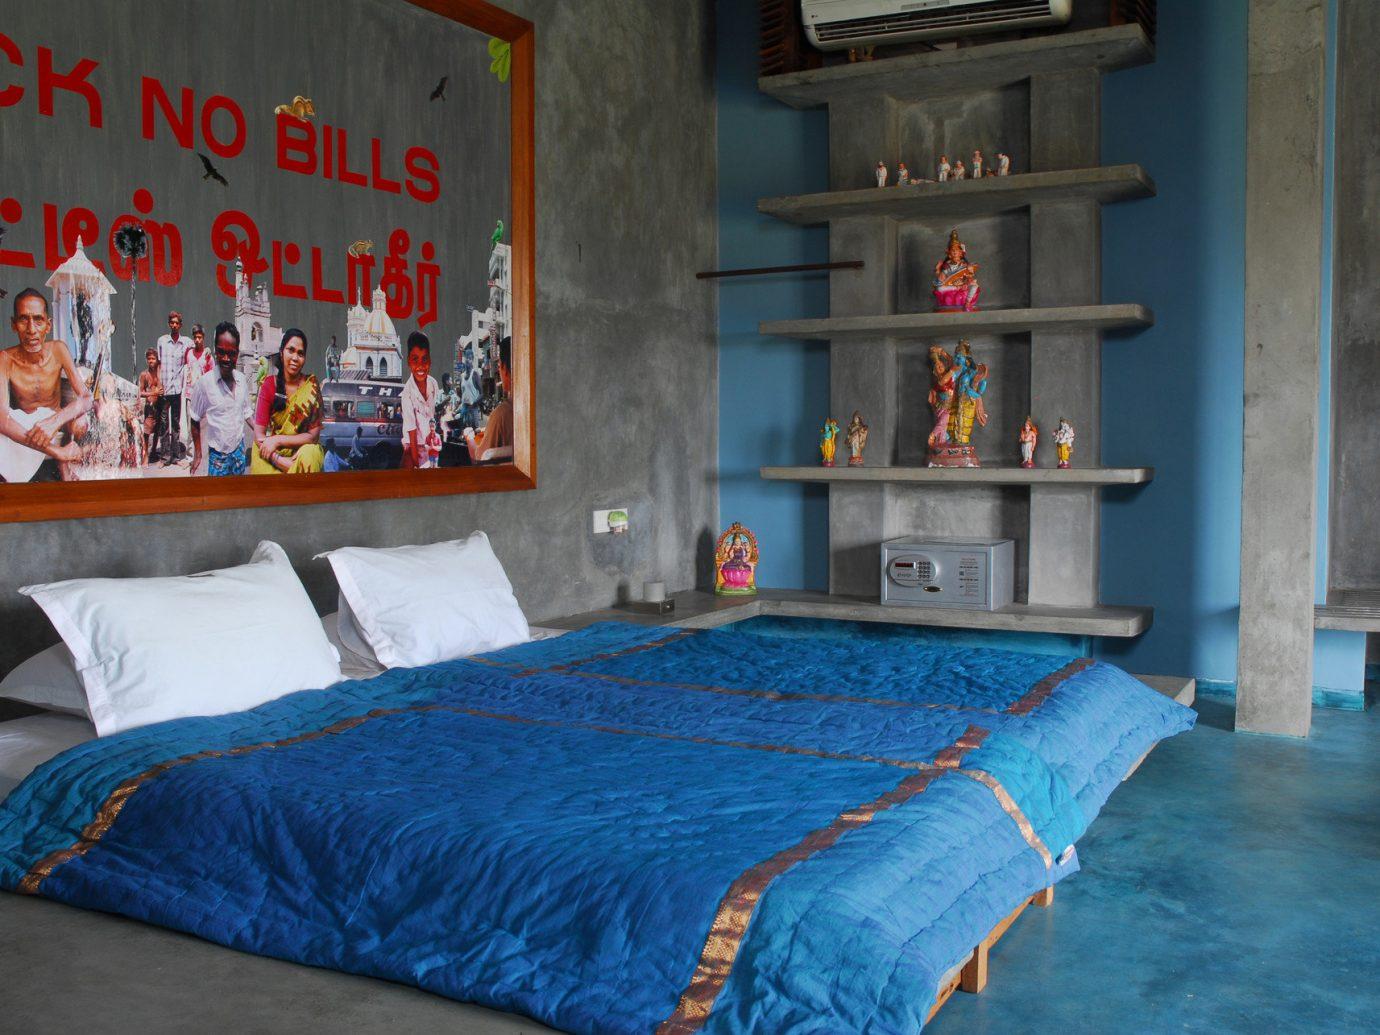 Hotels indoor blue room furniture interior design estate bed sheet screenshot Bedroom